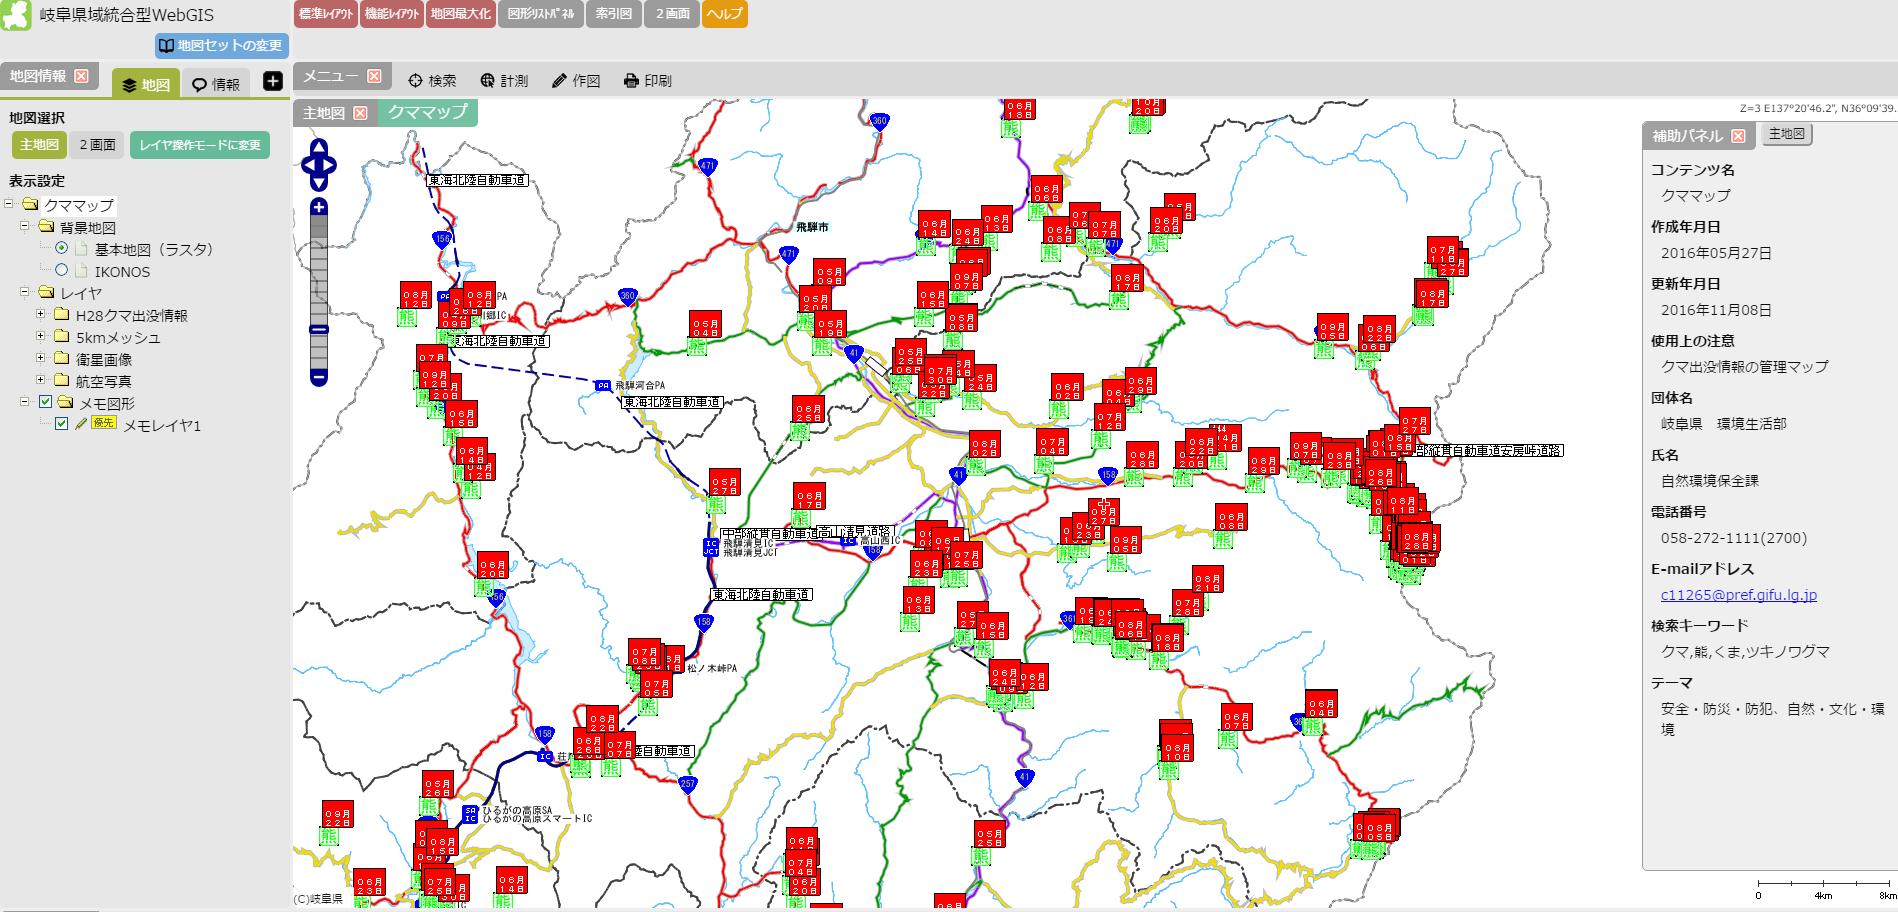 県域統合型GISぎふの地図